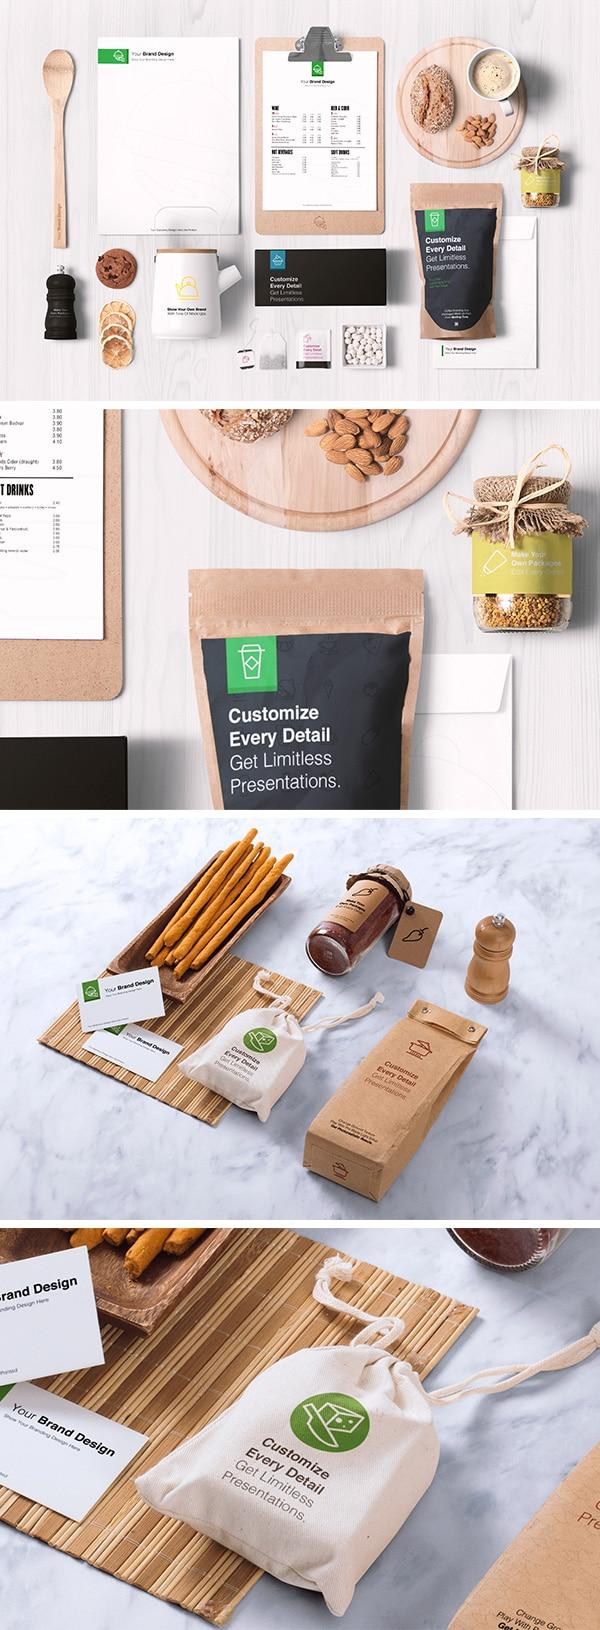 Food Packaging Plus Branding